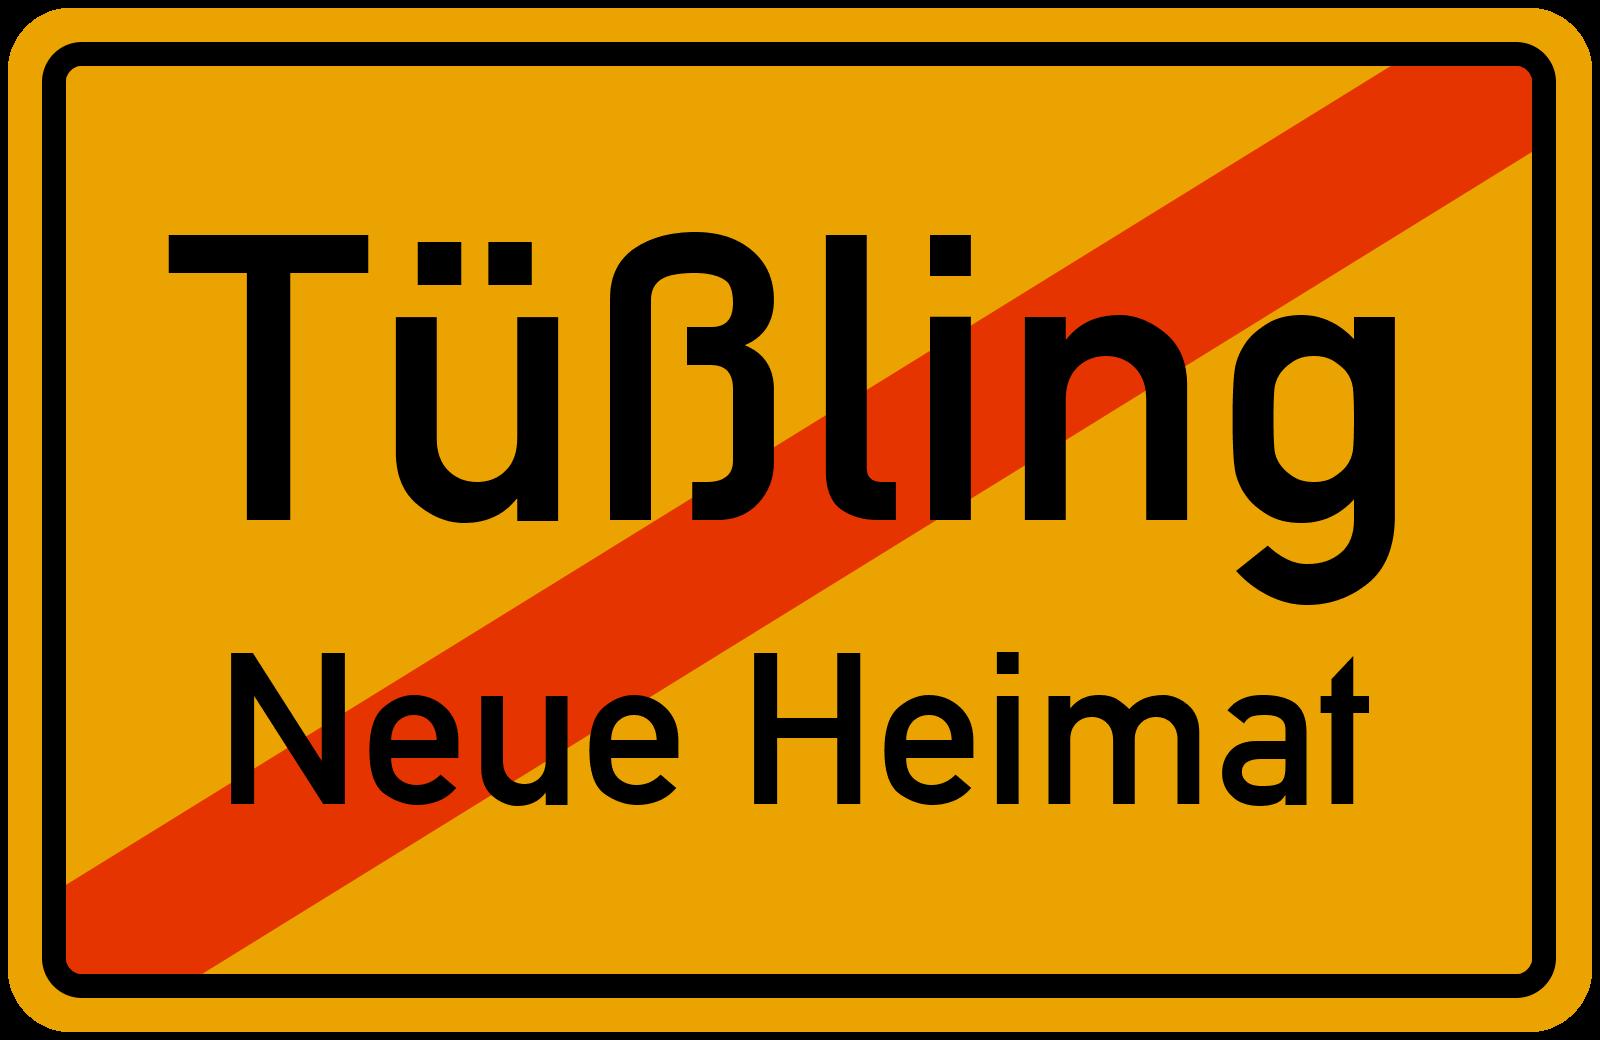 Ortsschild Tussling Neue Heimat Kostenlos Download Drucken